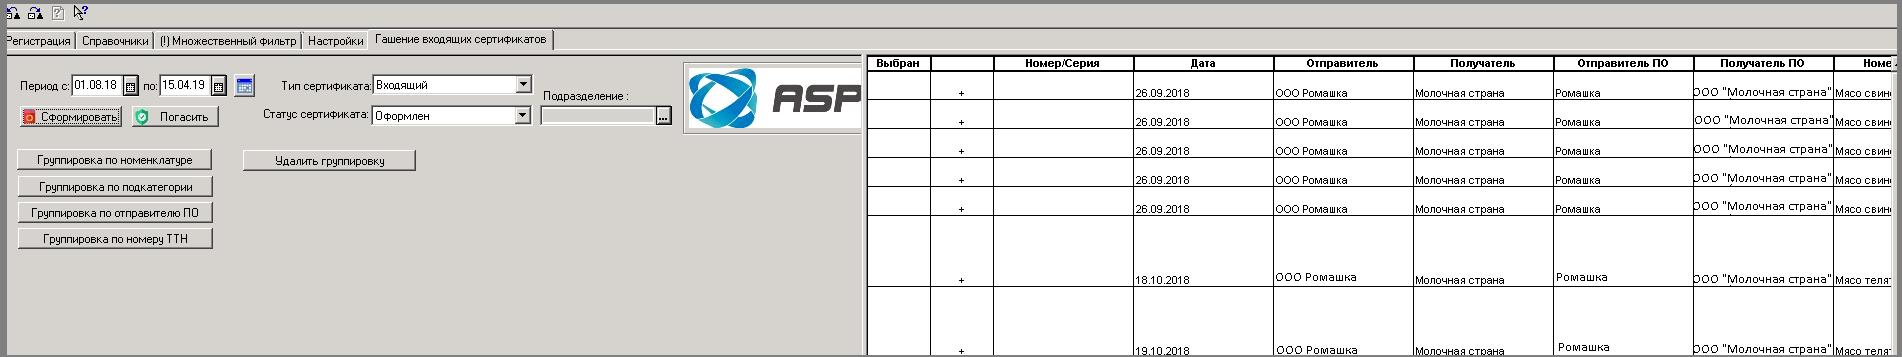 5. Пример раздела 'Гашение входящих сертификатов' (для просмотра сертификатов и гашения электронных ВСД)